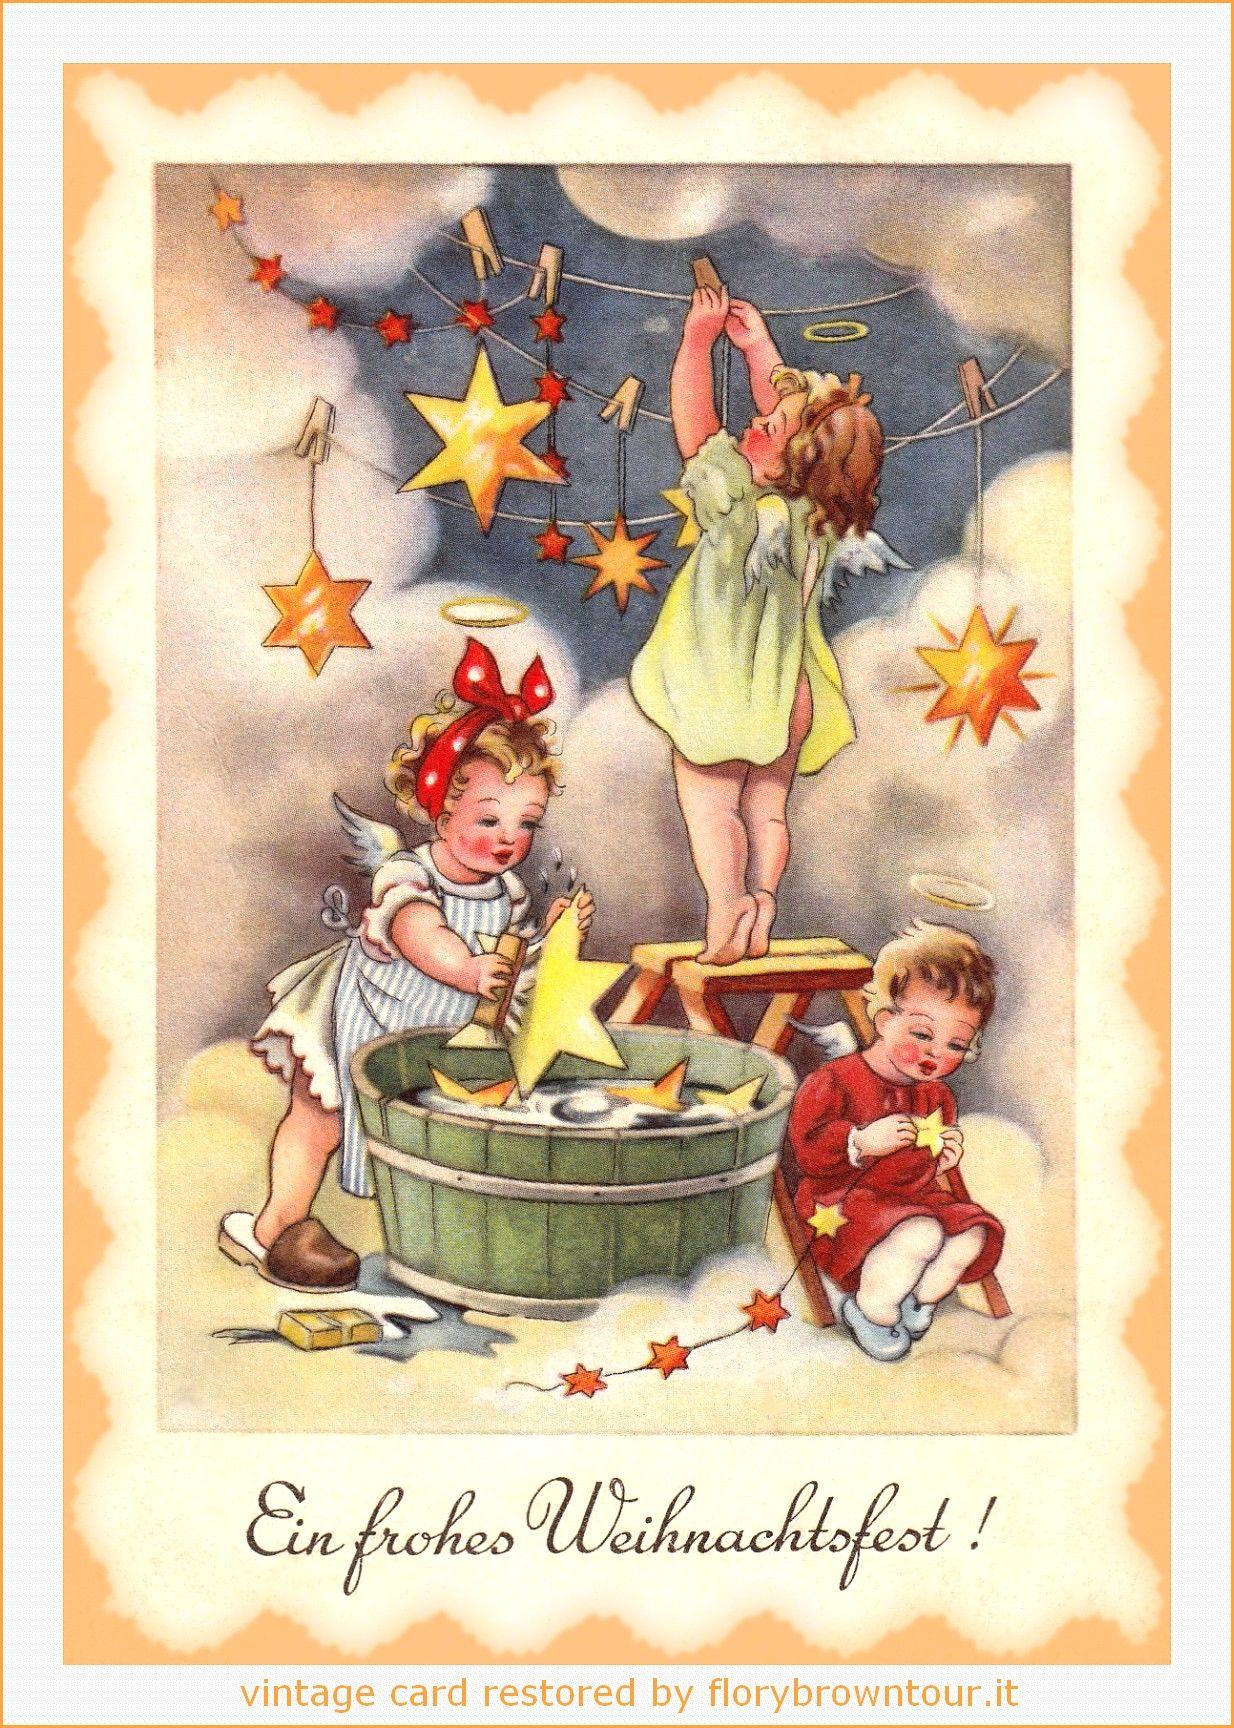 Auguri Buon Natale In Tedesco.Cartolina Di Buon Natale Tedesca Con Angeli E Stelle Dorate Postcard Of Merry Christ Biglietti Di Natale Vintage Illustrazione Di Natale Immagini Di Natale